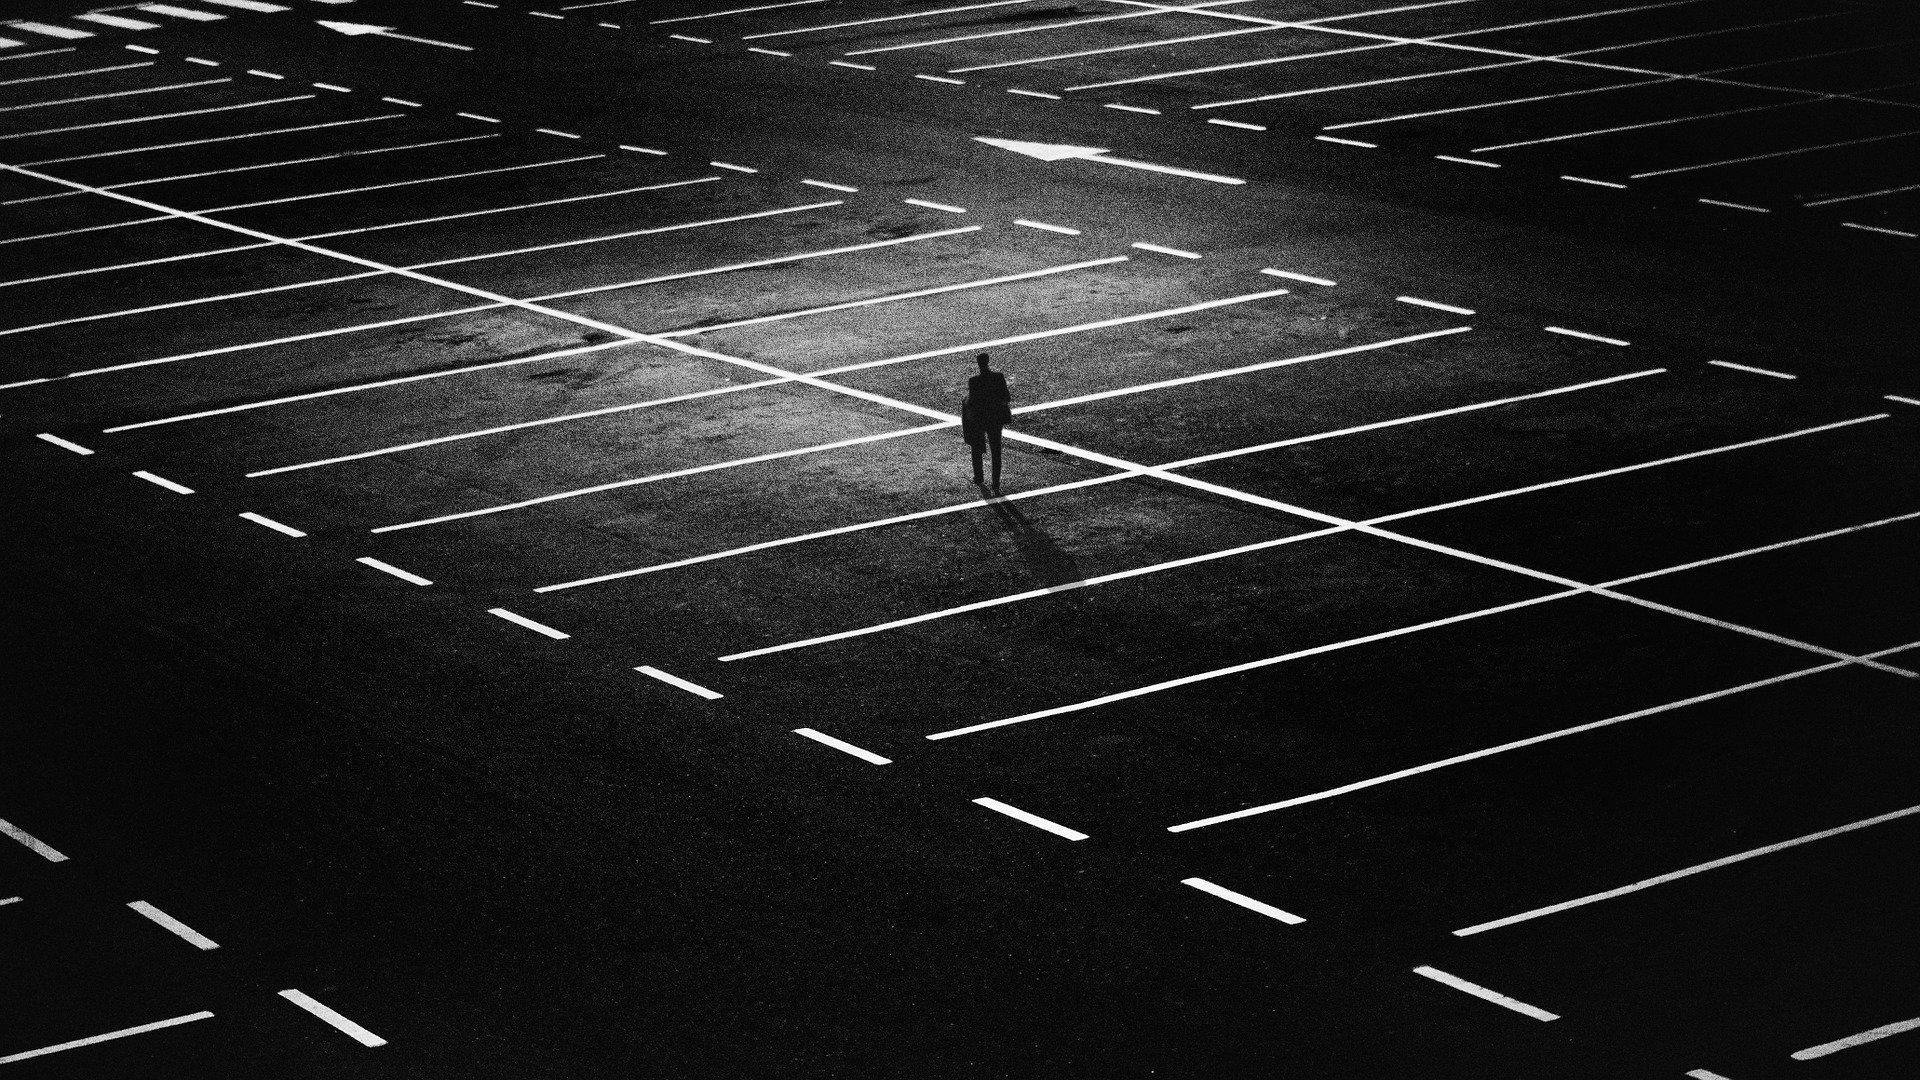 alleen eenzaam